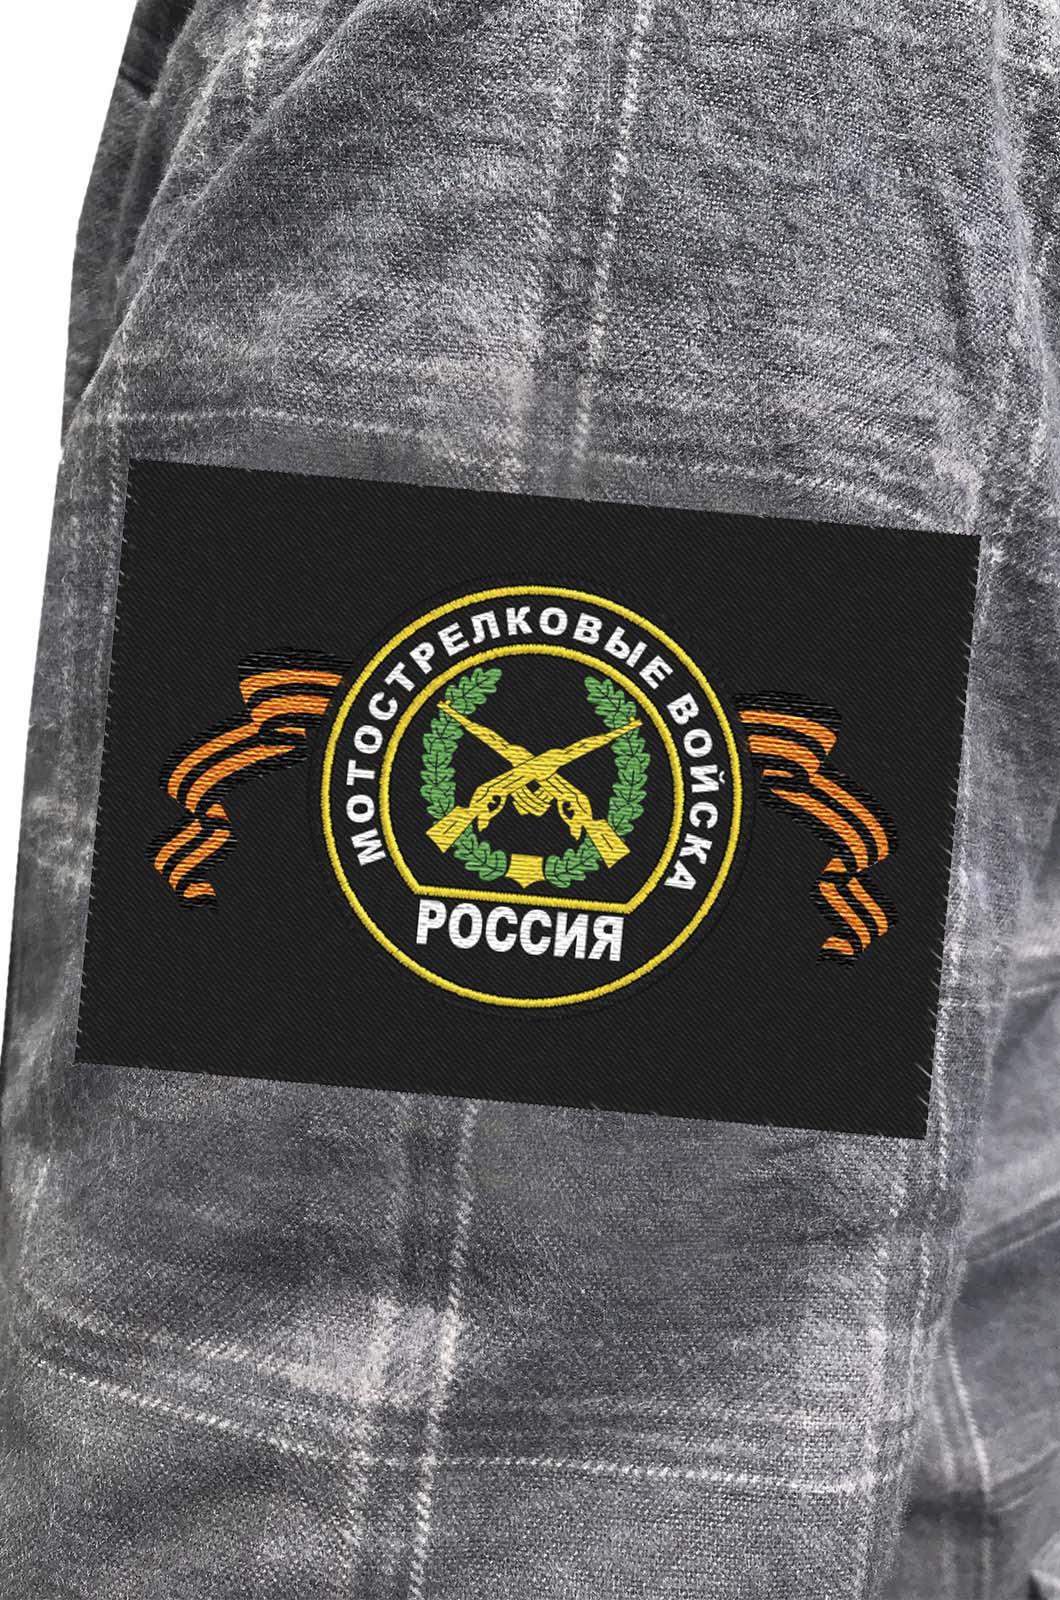 Мужская серая рубашка с вышитым шевроном Мотострелковые Войска - купить оптом